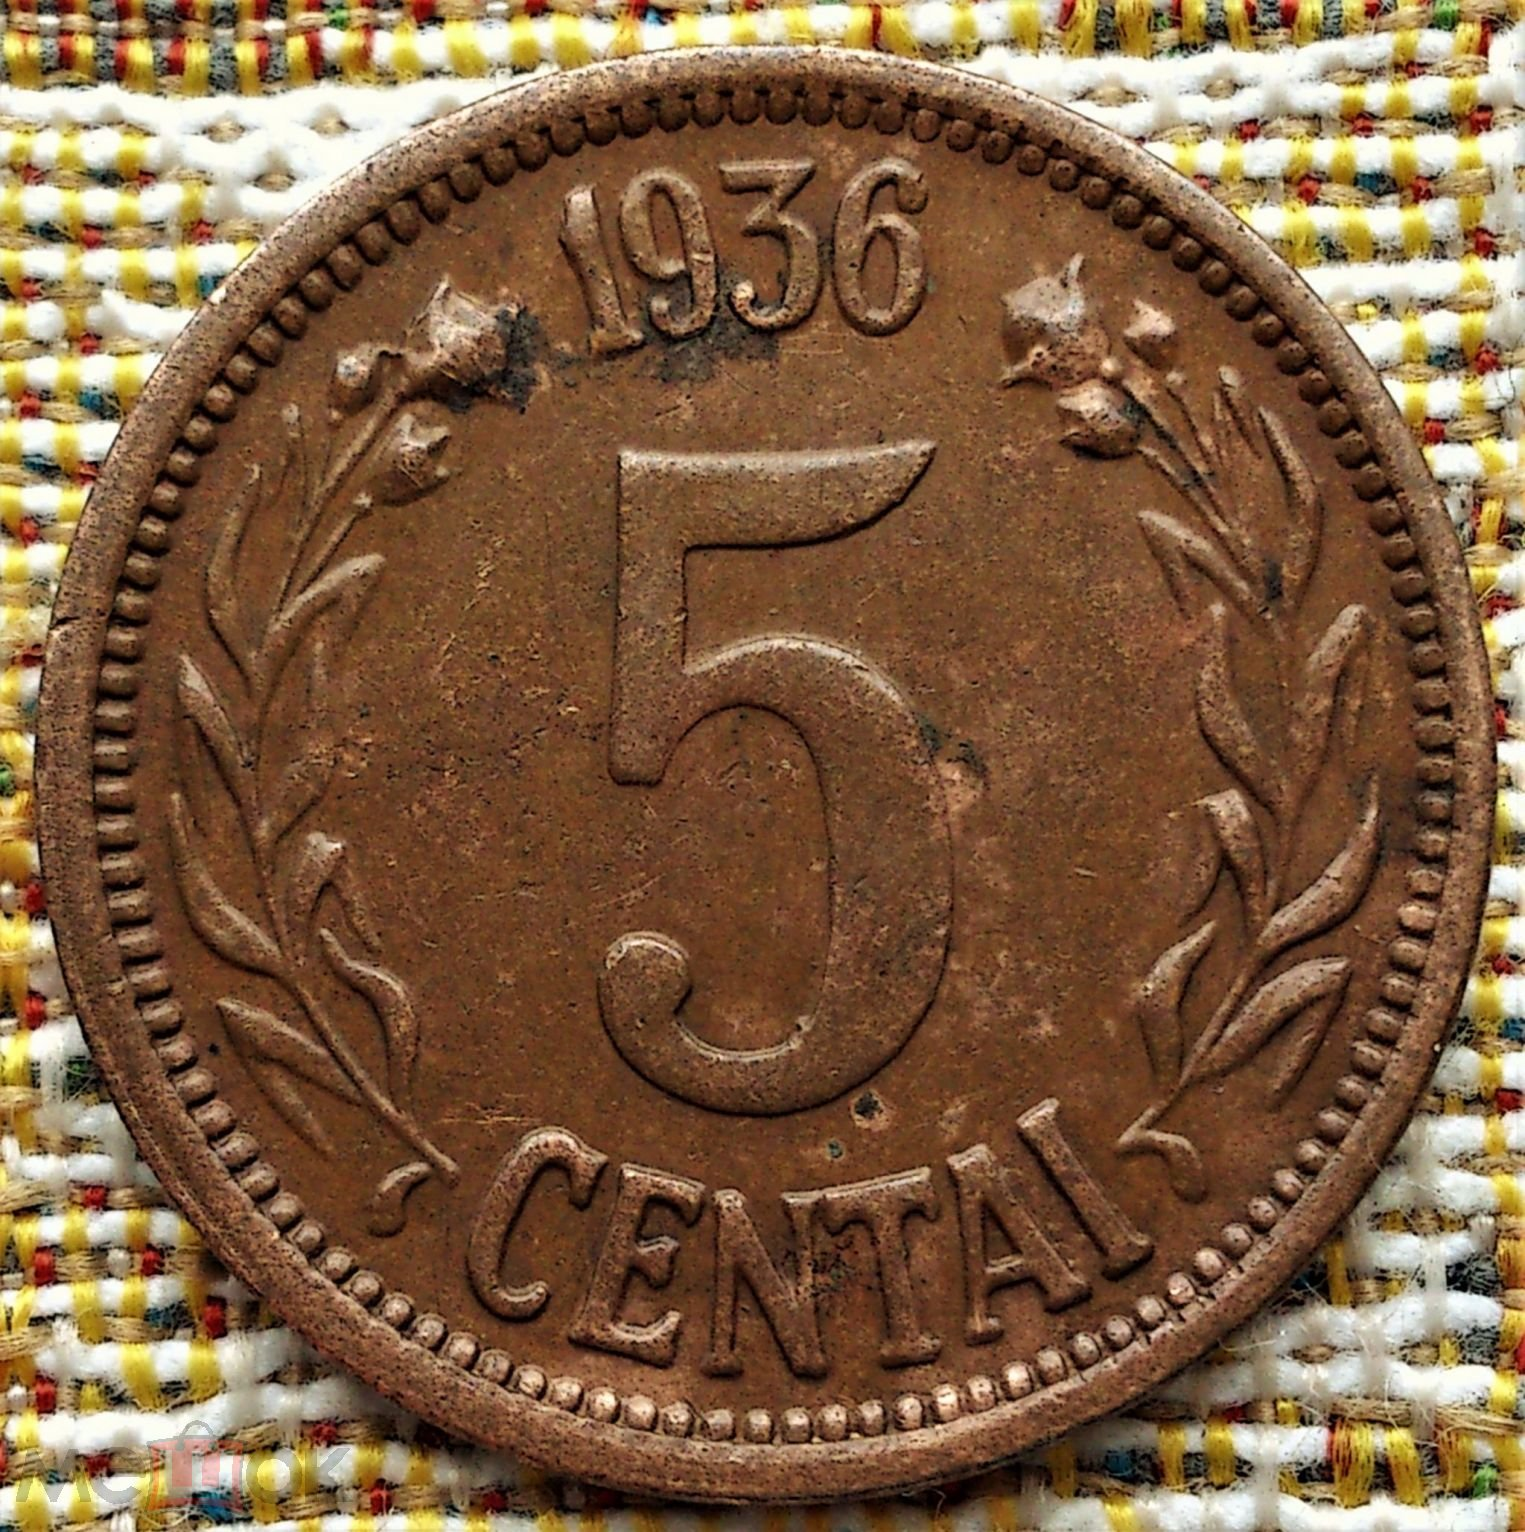 5  ЦЕНТОВ  1936 г.  ЛИТВА .  НЕЧАСТАЯ .  ОТЛИЧНОЕ  СОСТОЯНИЕ .  ОРИГИНАЛ .  №  89